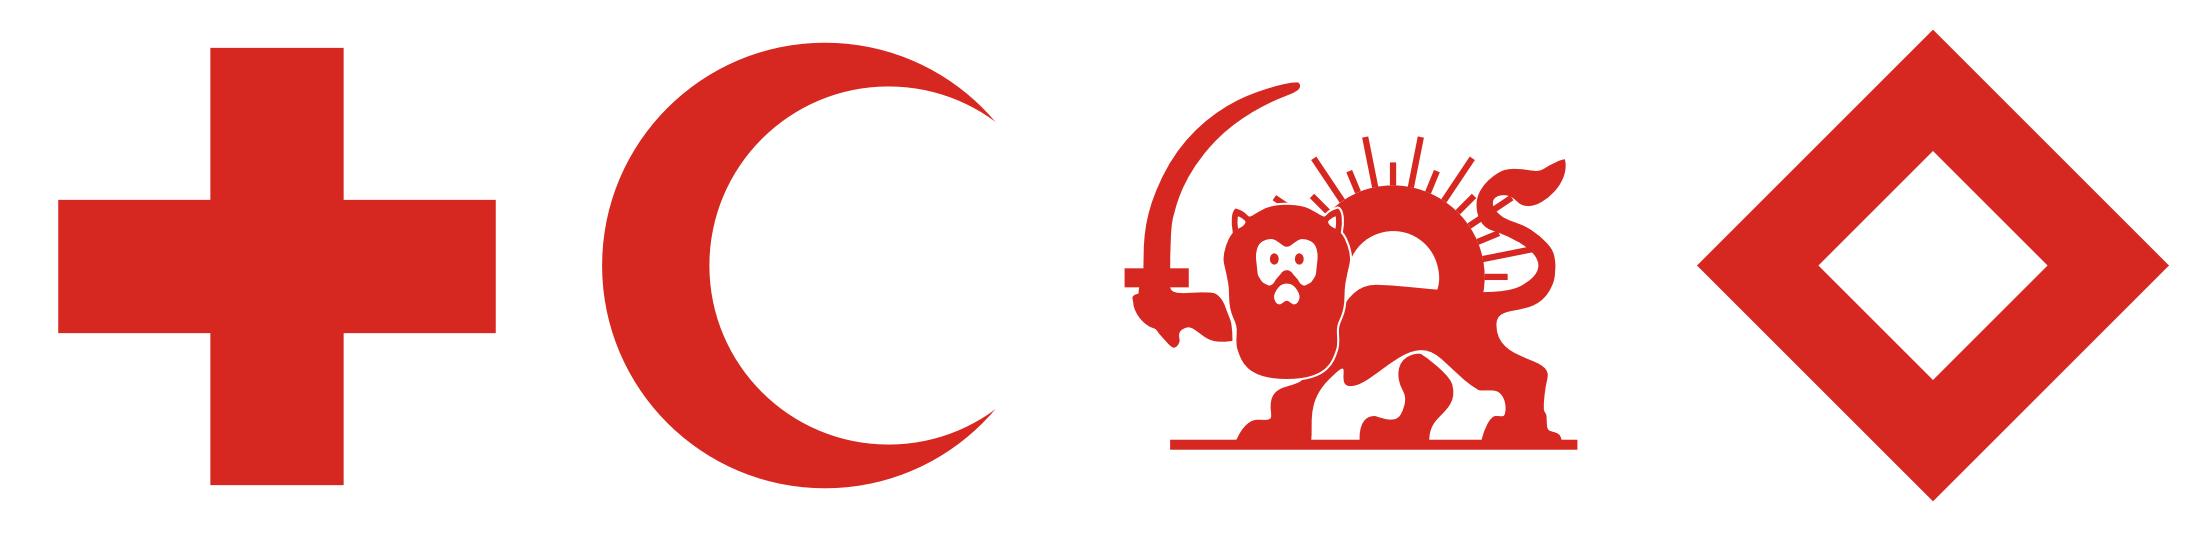 Pod znakem červeného kříže